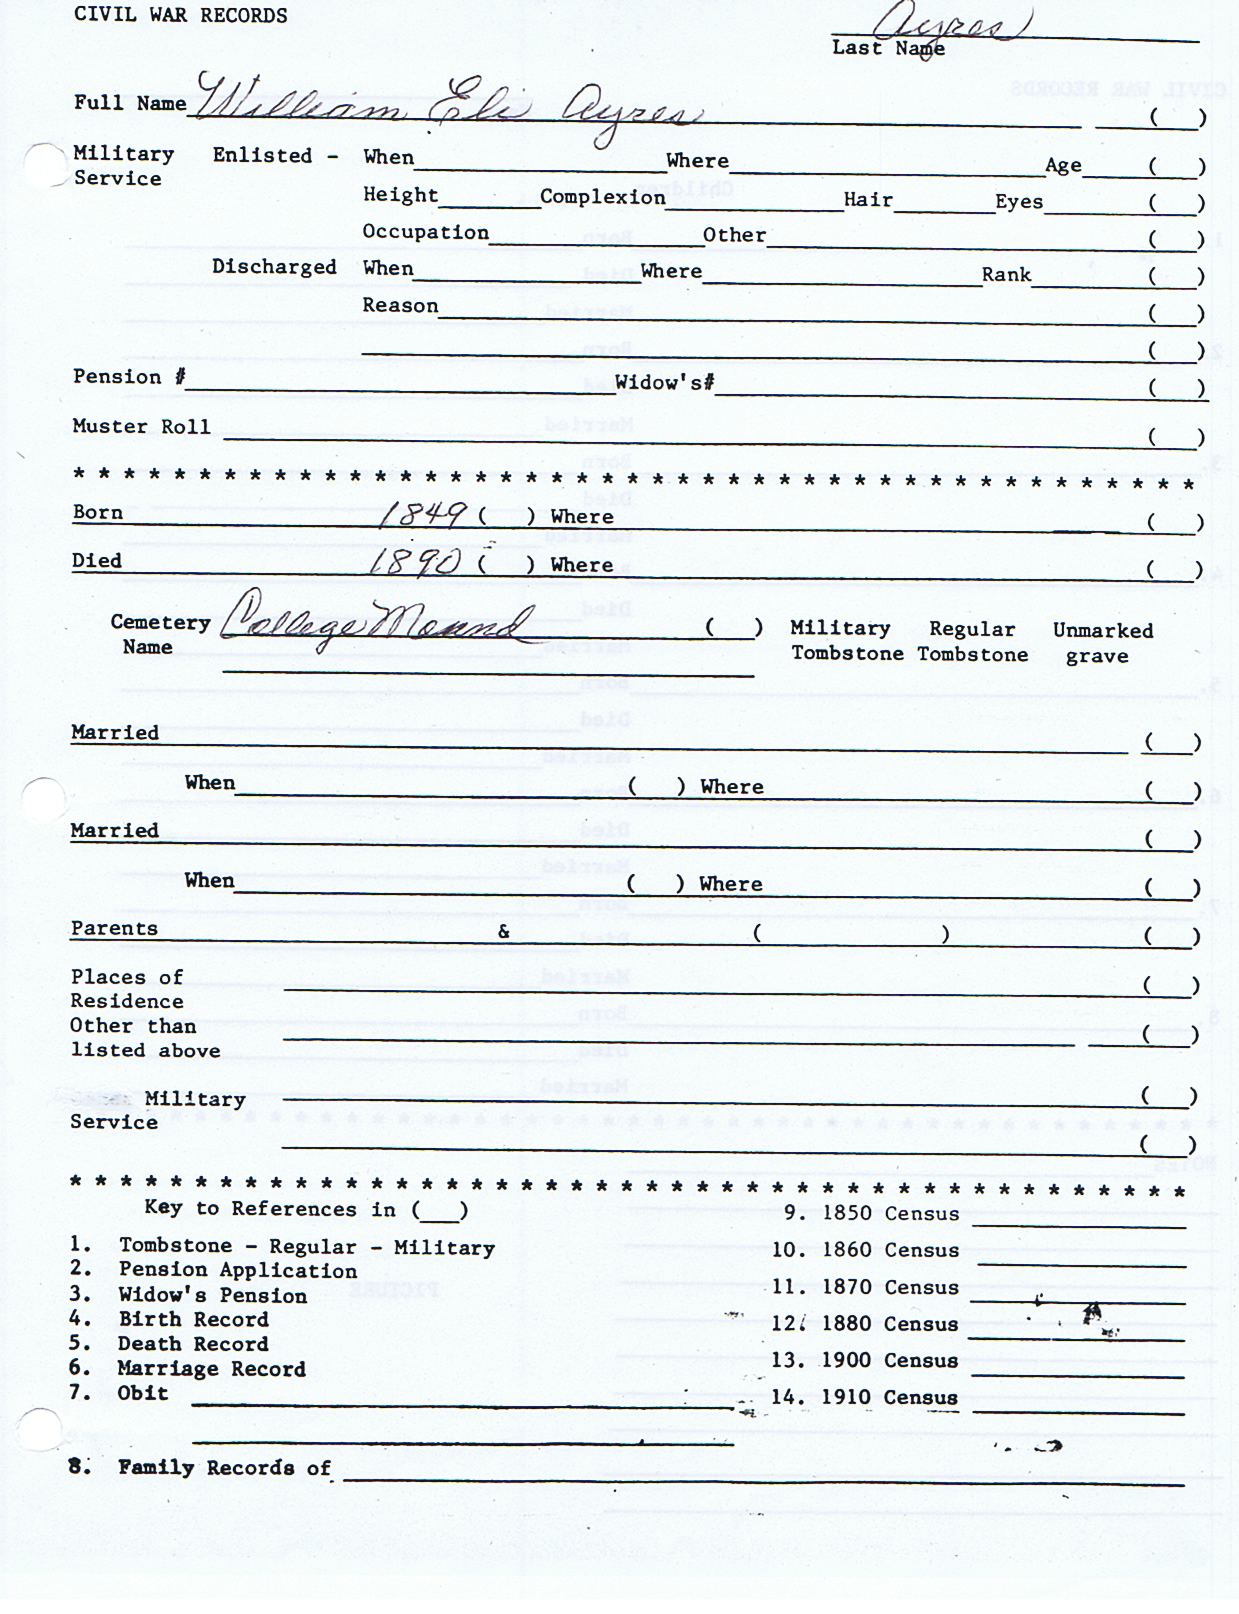 ayres-kaufman_civil_war_records-3469